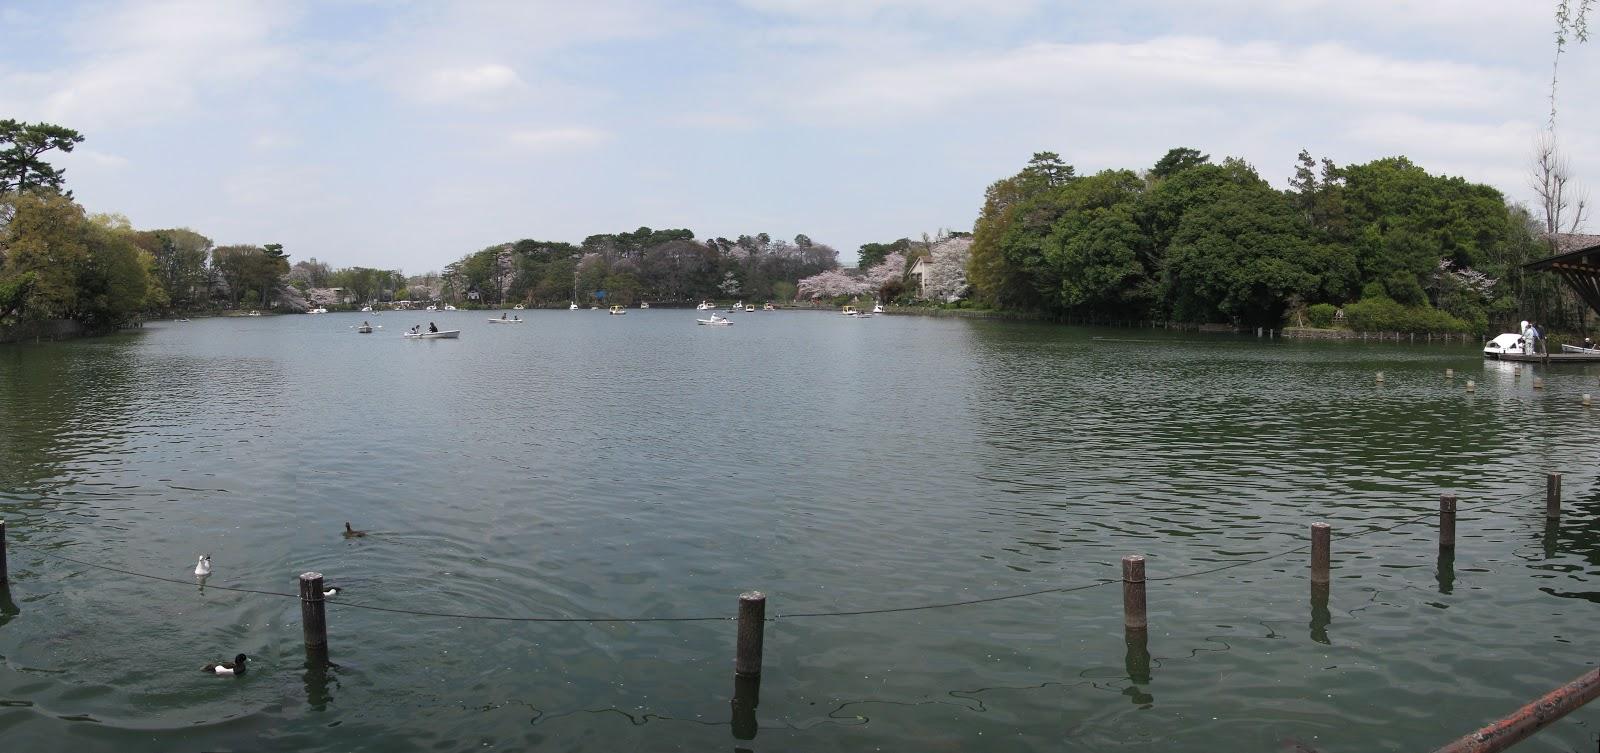 洗足池公園:スワンボートが浮かんだ広々とした池